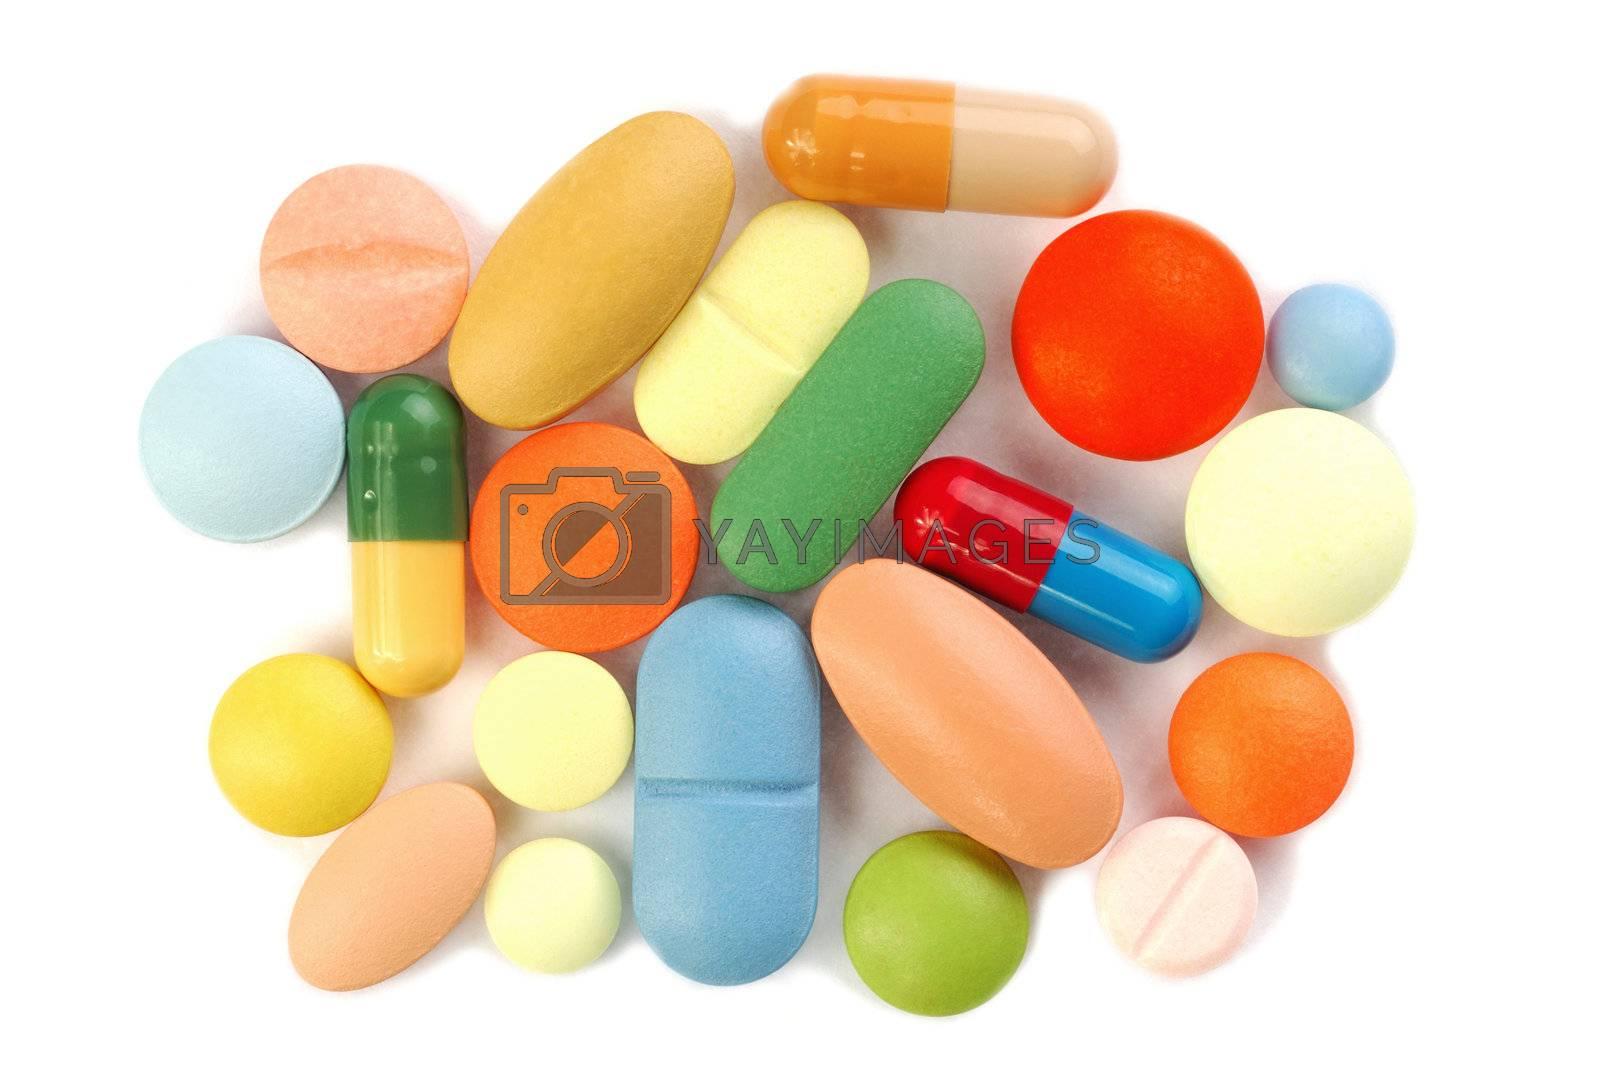 Pills by ajt